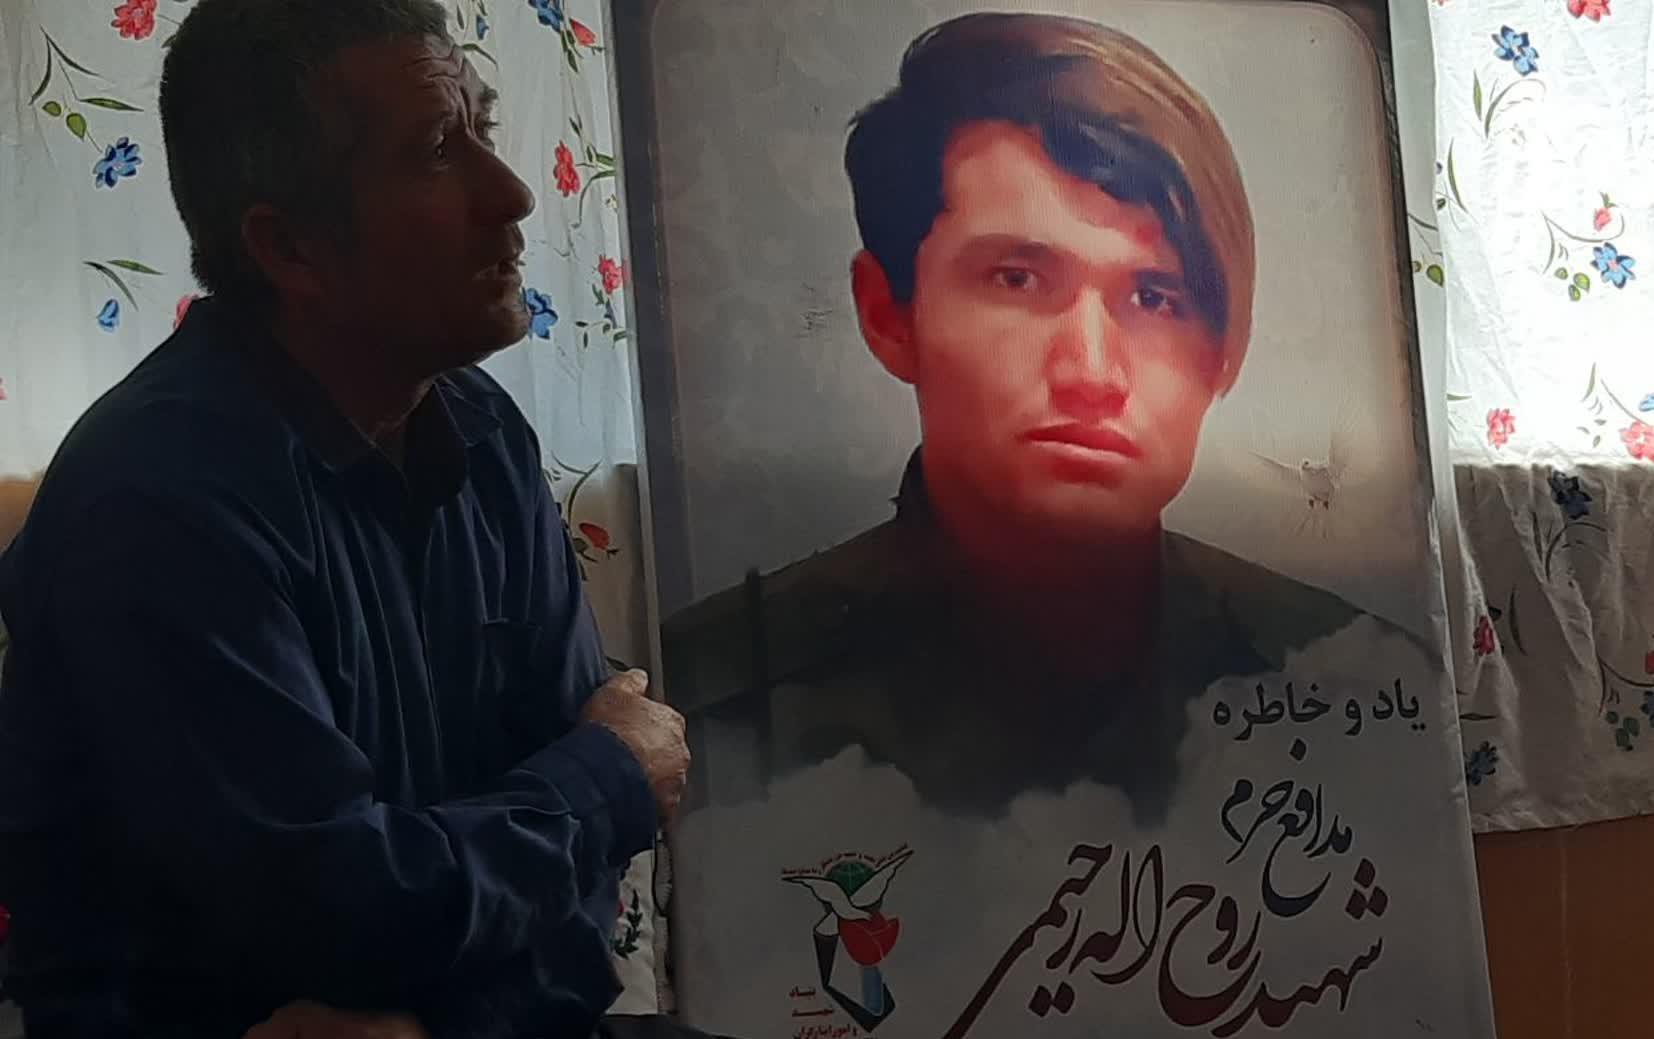 """""""روحالله"""" فقط برای جهاد در سوریه به ایران آمده بود/ نمیتوانستیم به کسی بگوییم پسرمان شهید شده"""